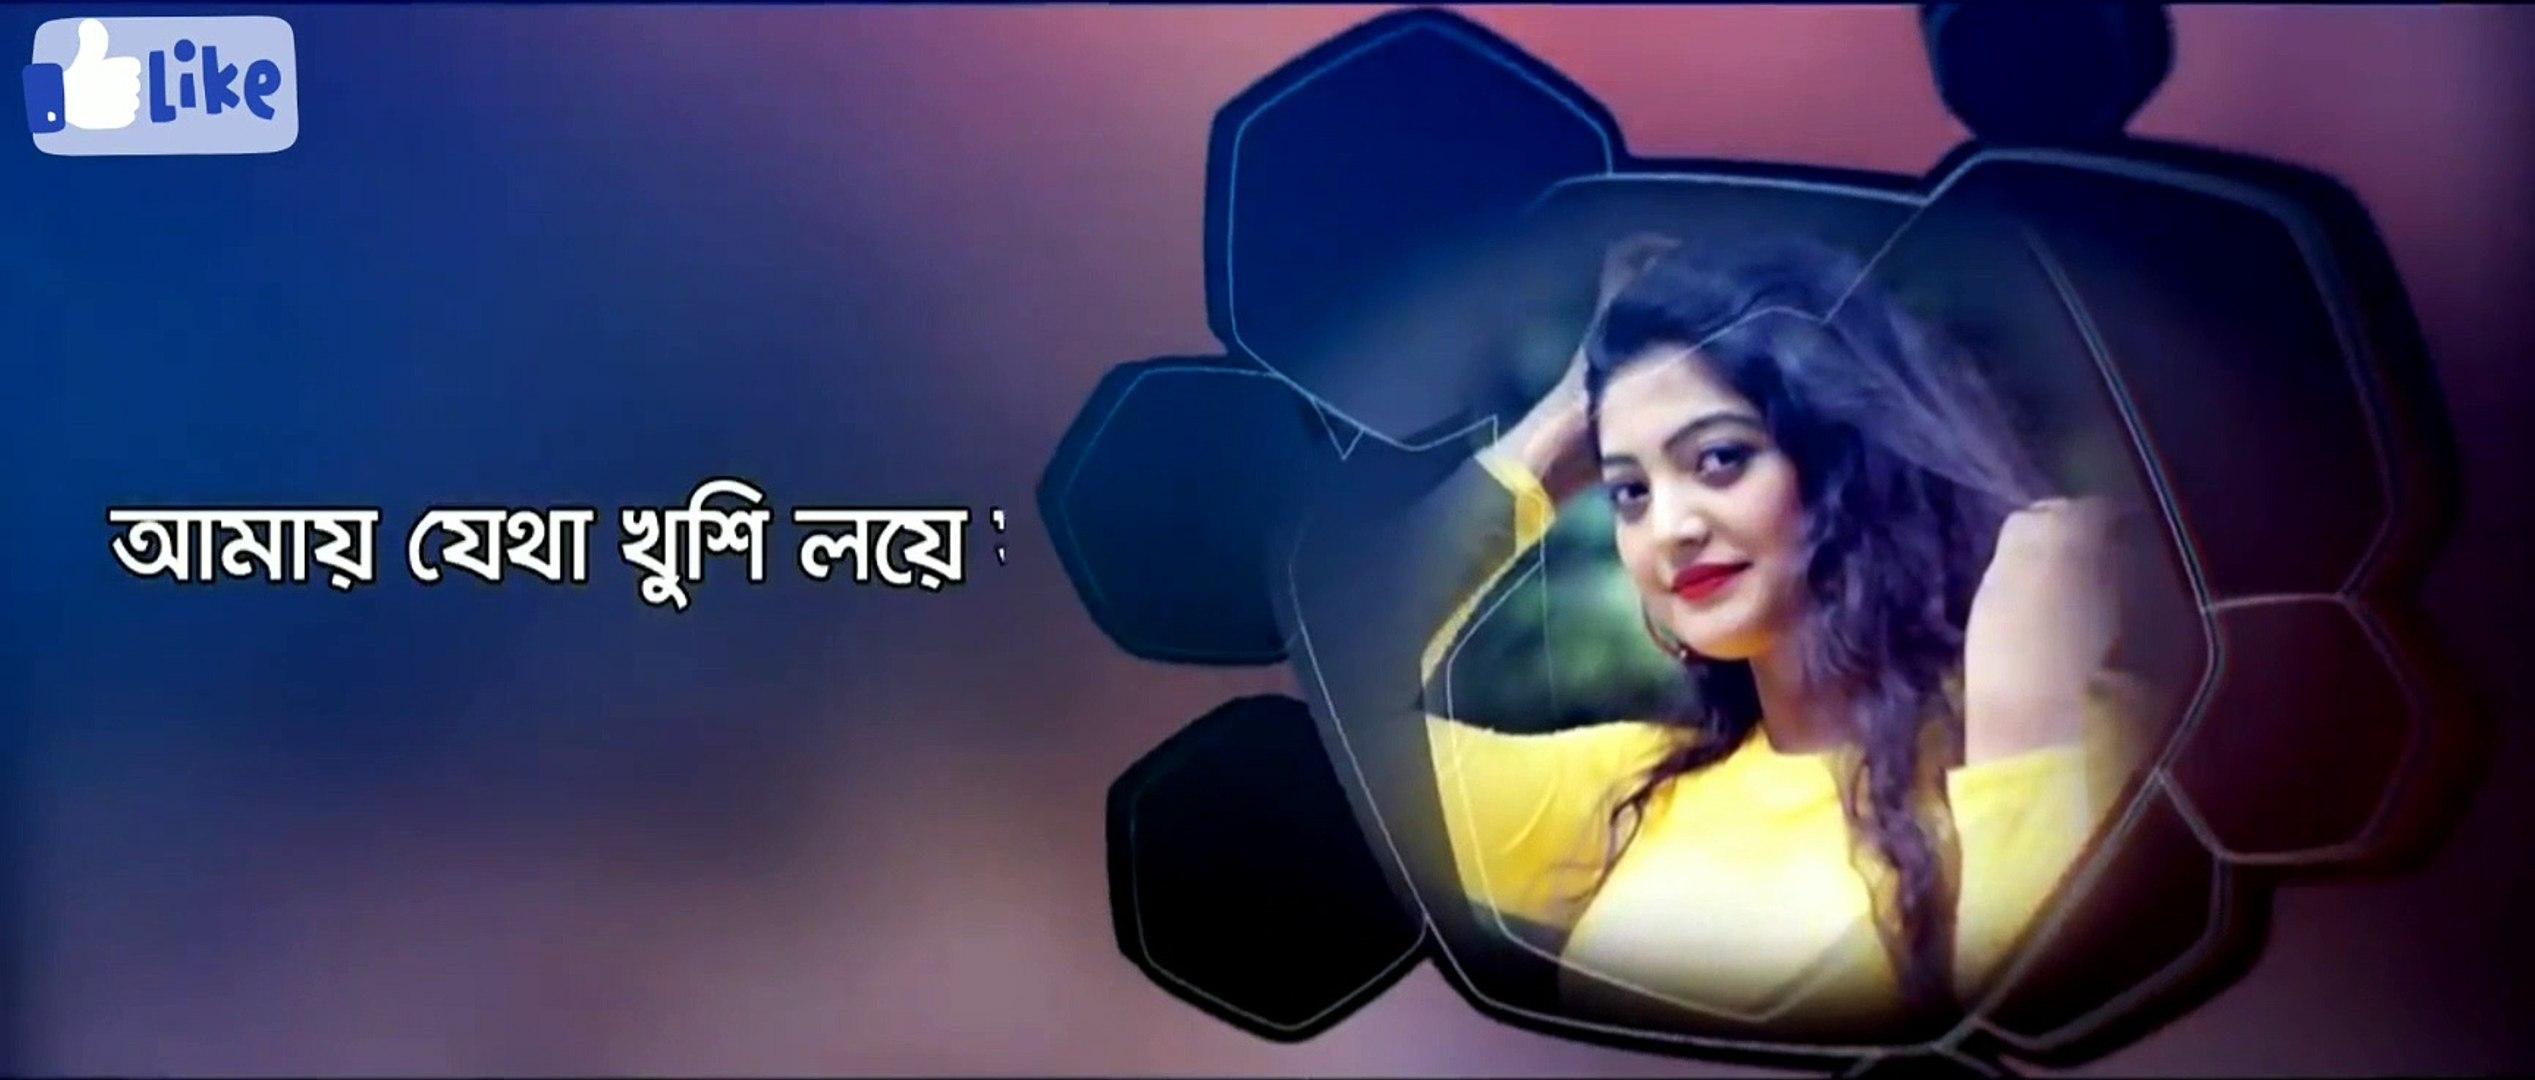 Bangla Lovely Status   whatapp new status 2019